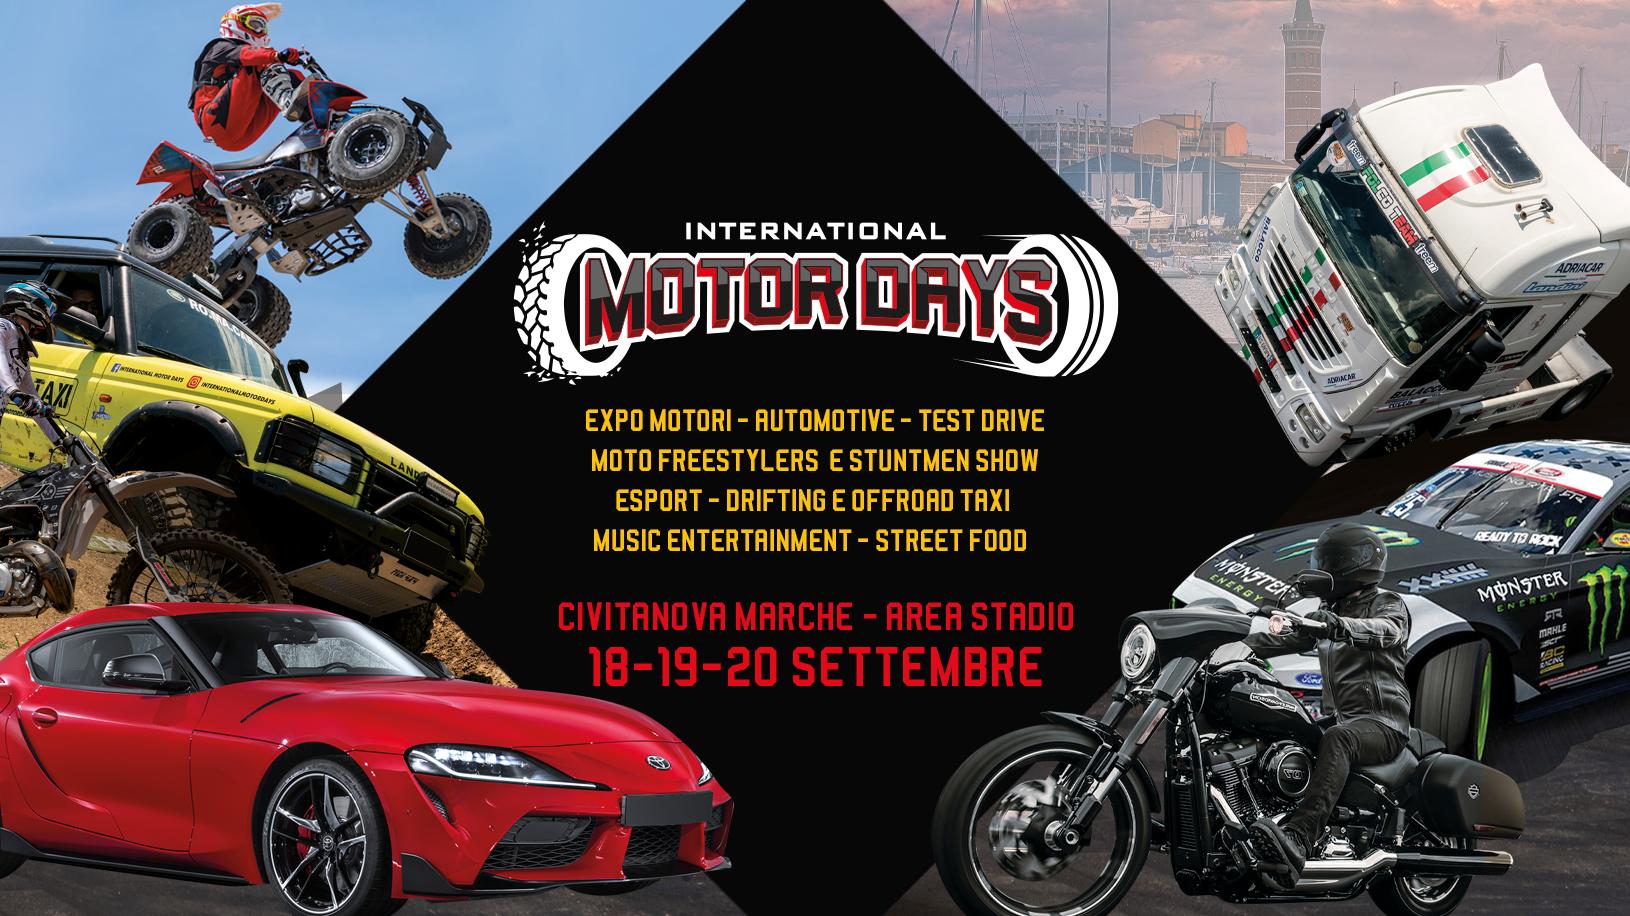 International Motor Days, expo ed eventi a Civitanova Marche